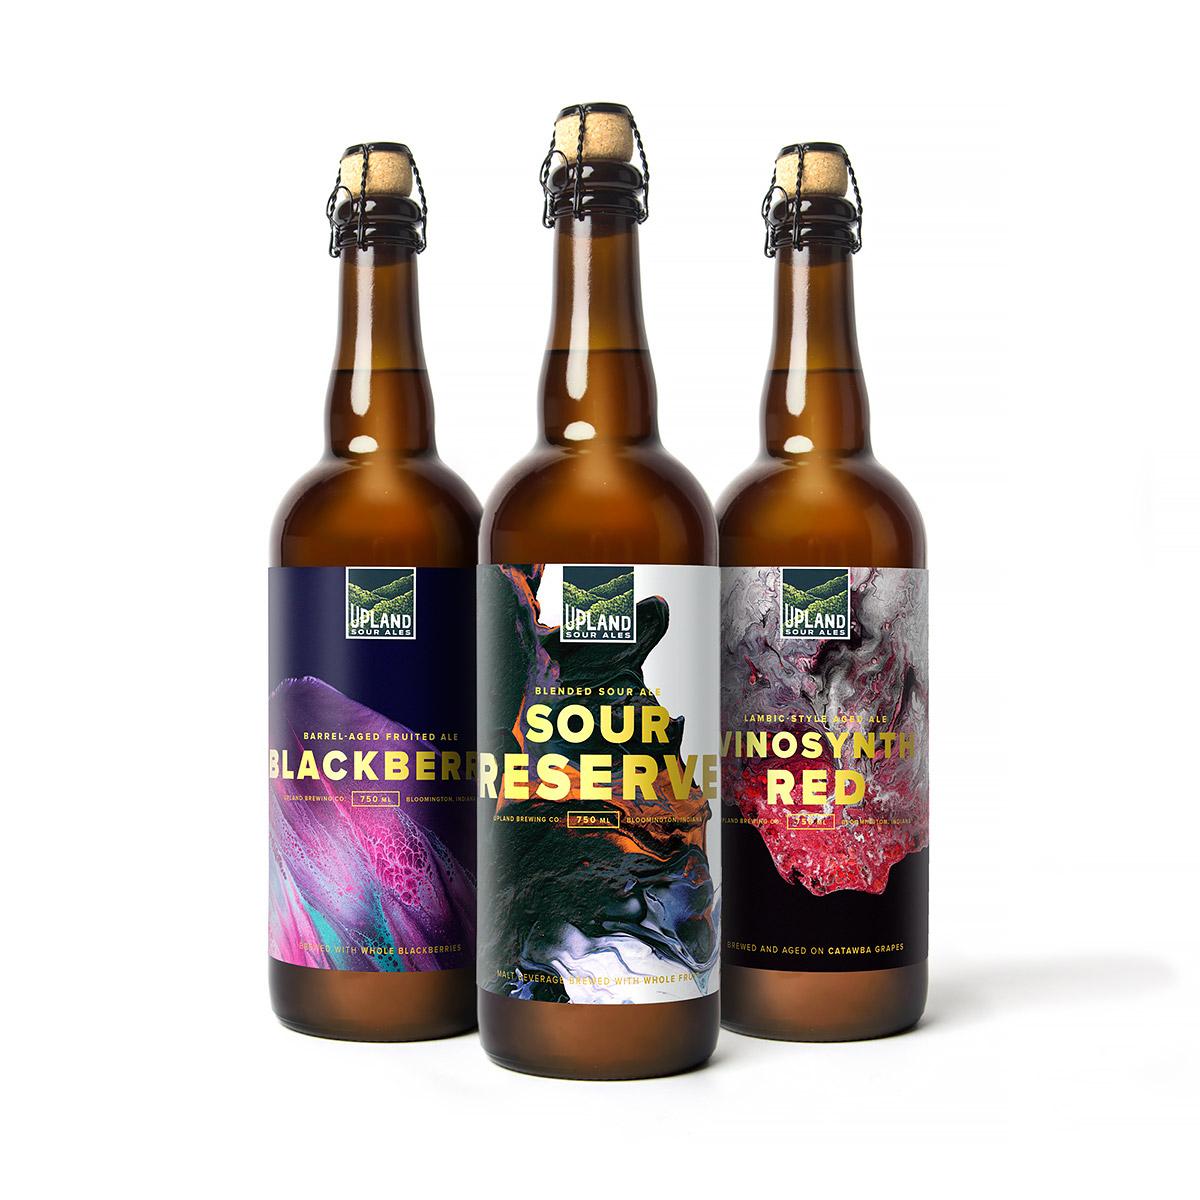 13张国外创意的啤酒品牌包装设计欣赏